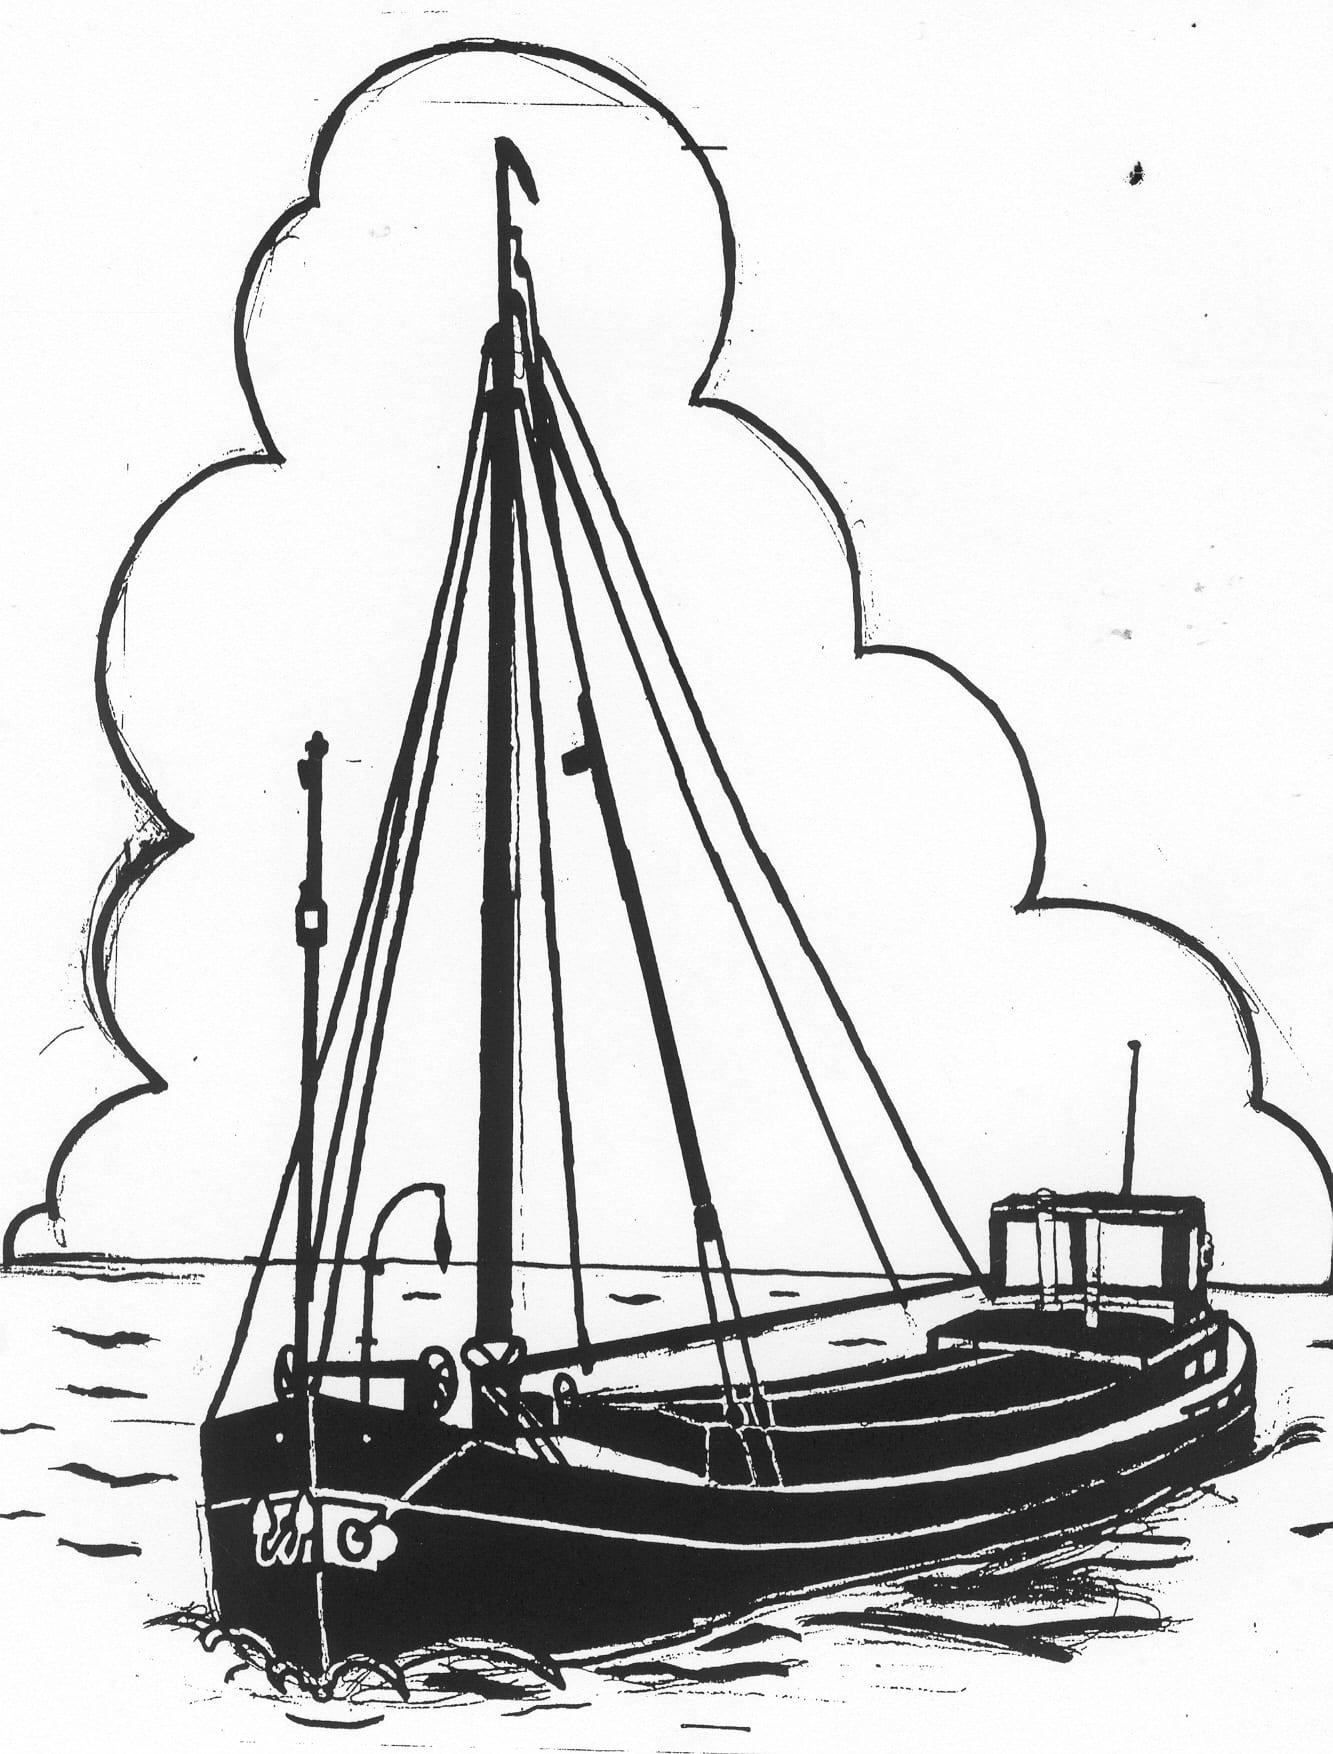 Een afbeelding van een grote donkere motorboot die kan worden gezandstraald op een grafmonument